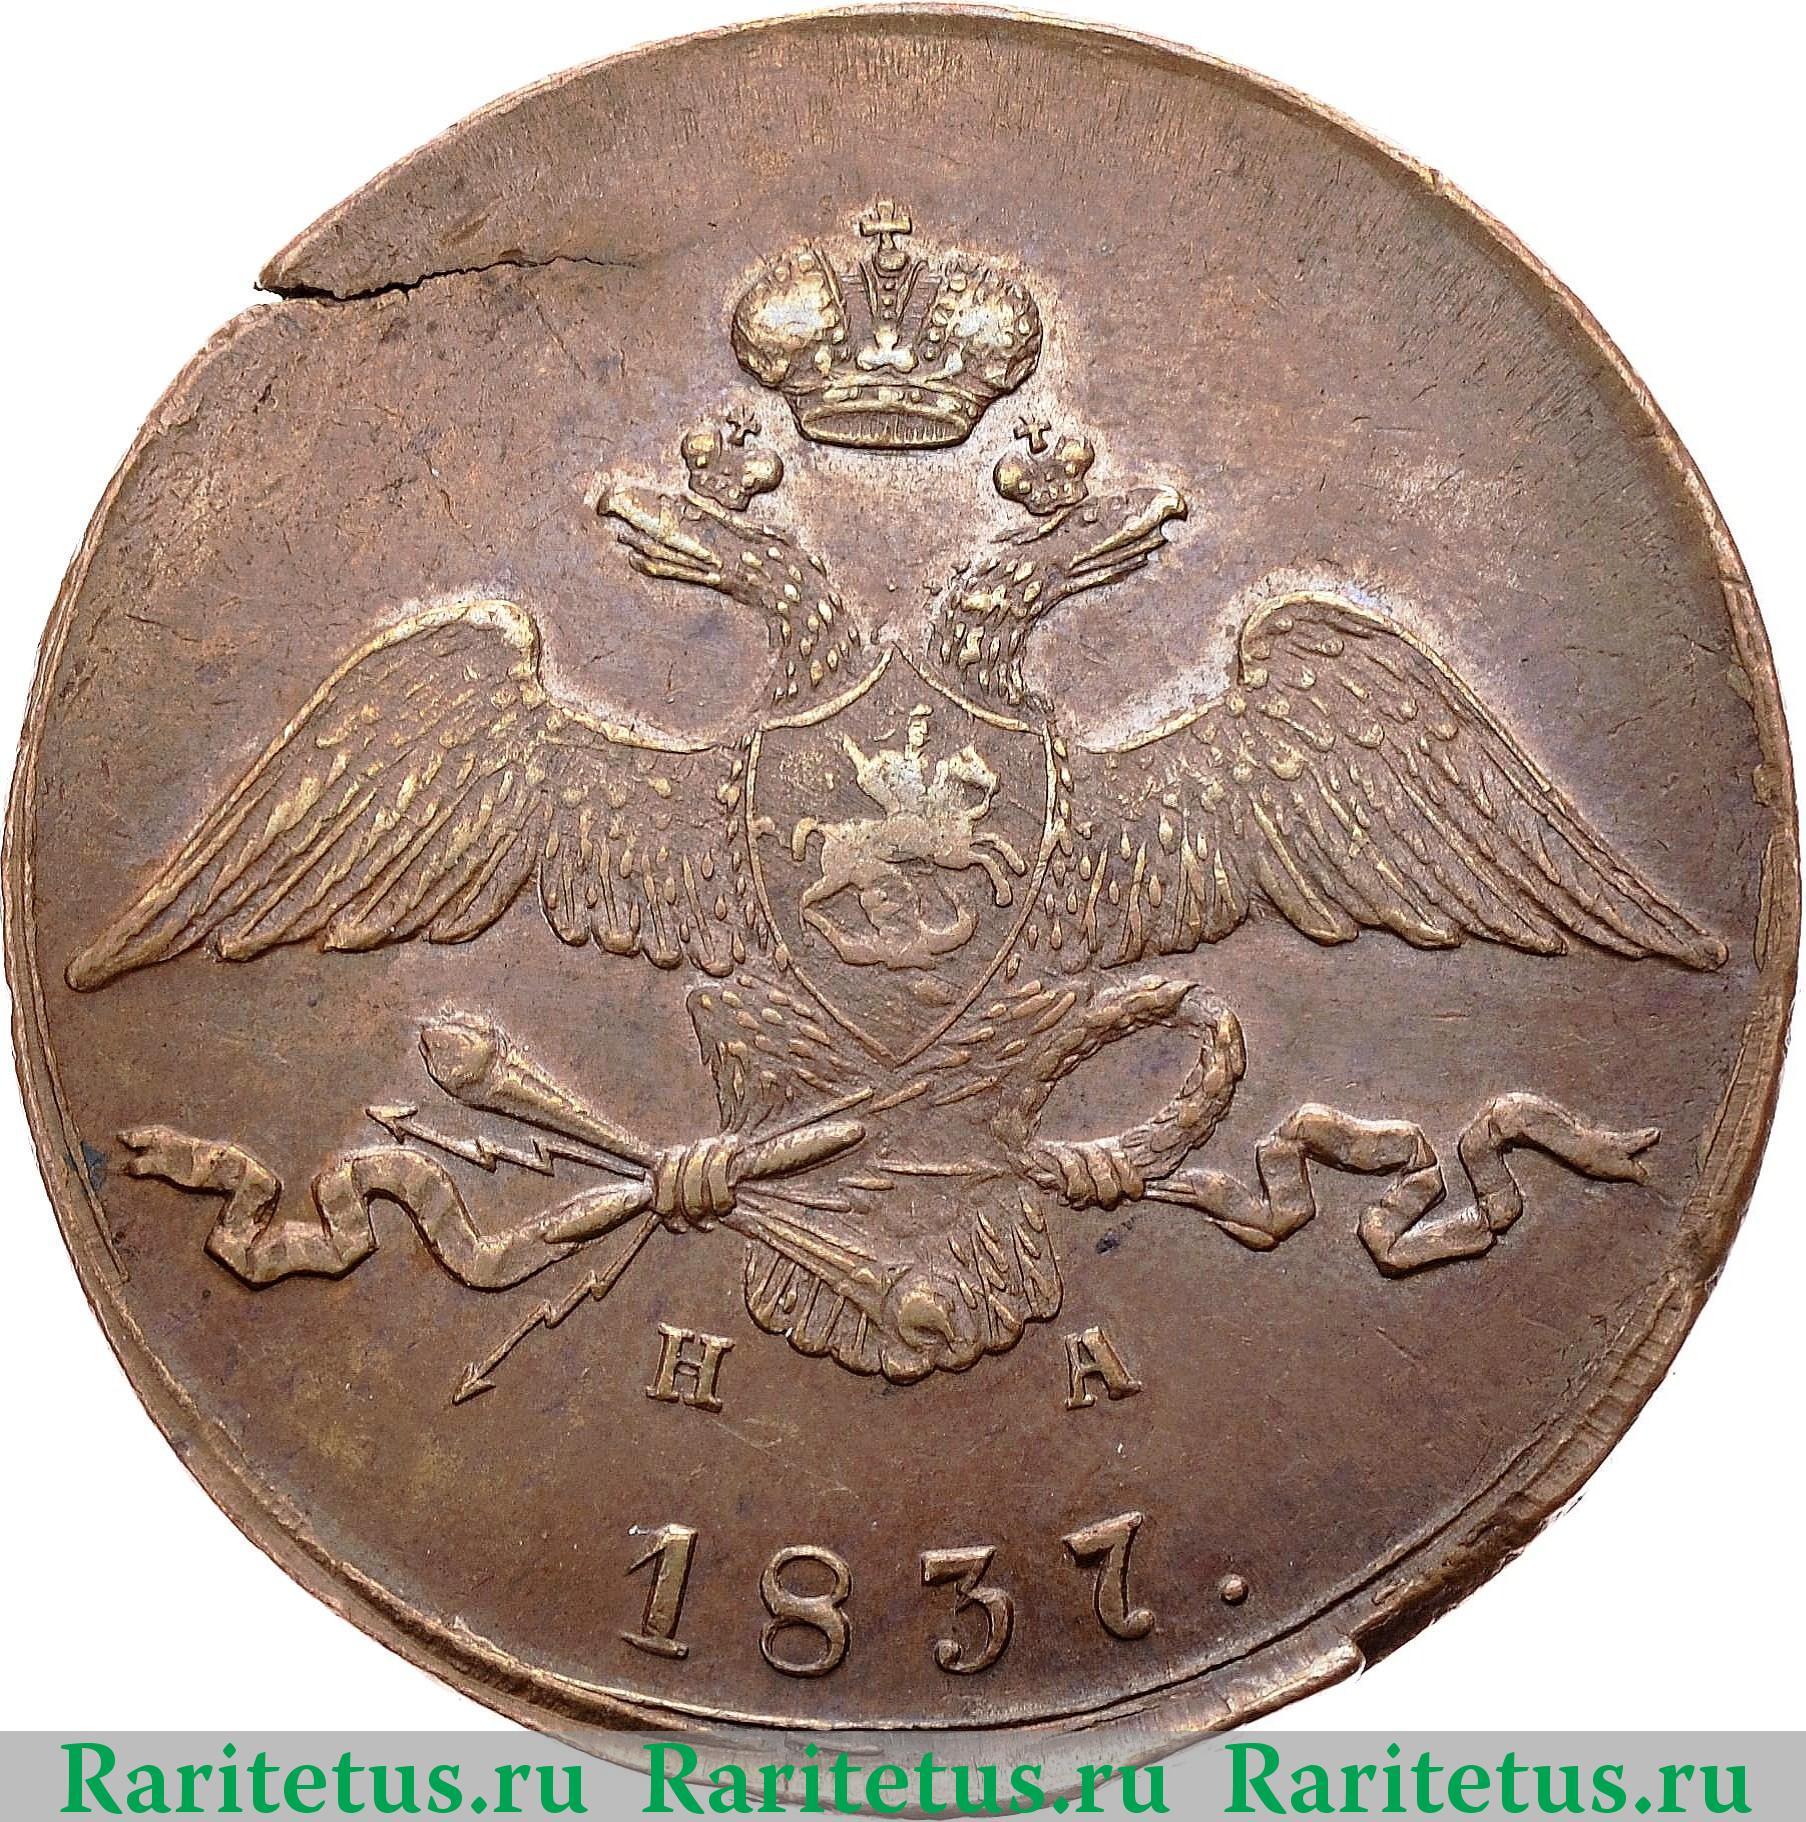 5 копеек 1837 ем фх 3 копейки 1931 года цена в гривнах